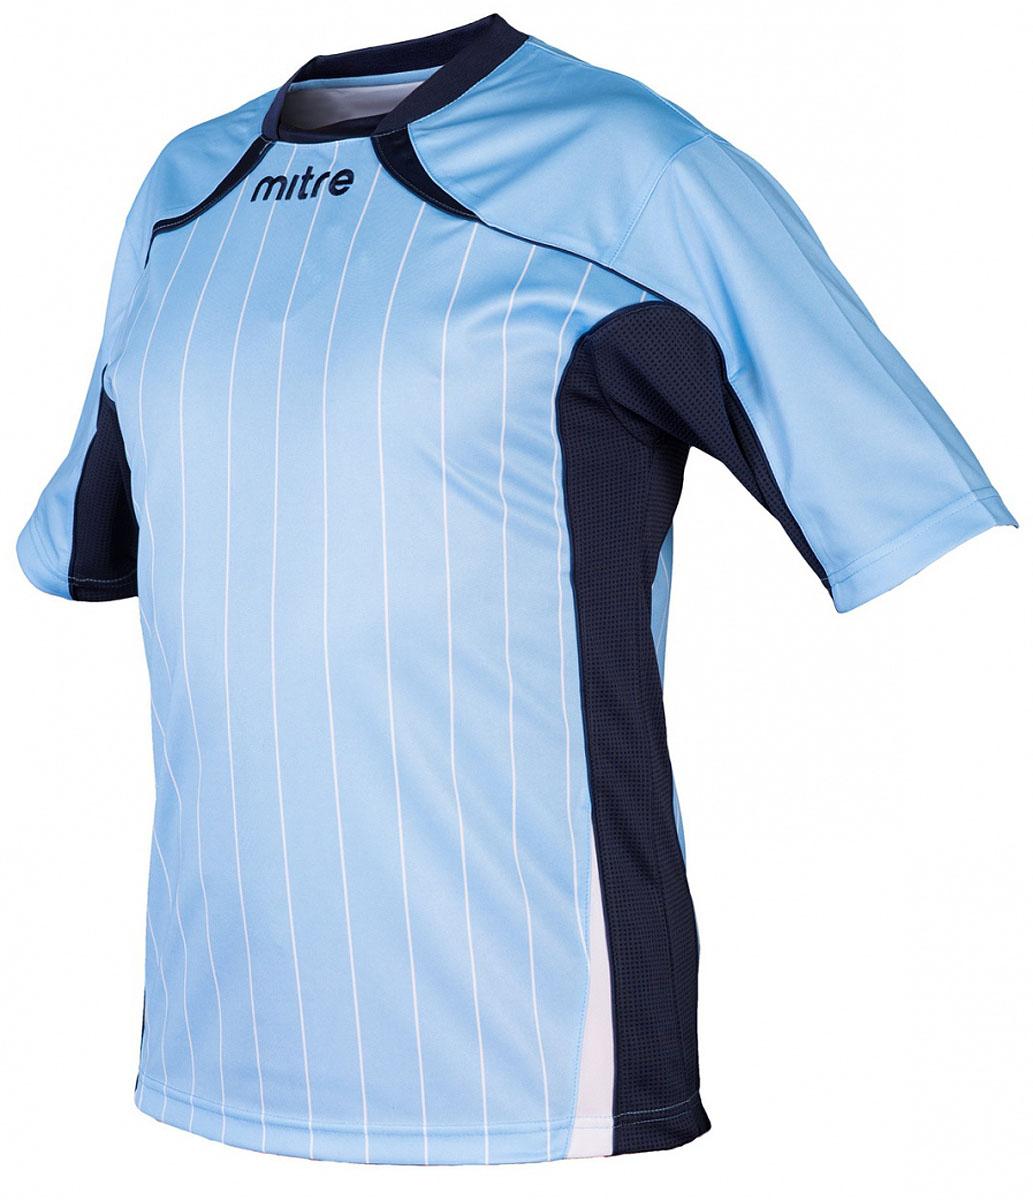 Футболка мужская Mitre, цвет: голубой. 5T40051MSKN. Размер M (48/50)5T40051MSKNФутболка мужская Mitre выполнена из полиэстера. Удобный эластичный ворот. Сетчатые полосы ткани по бокам футболки улучшают вентиляцию тела.